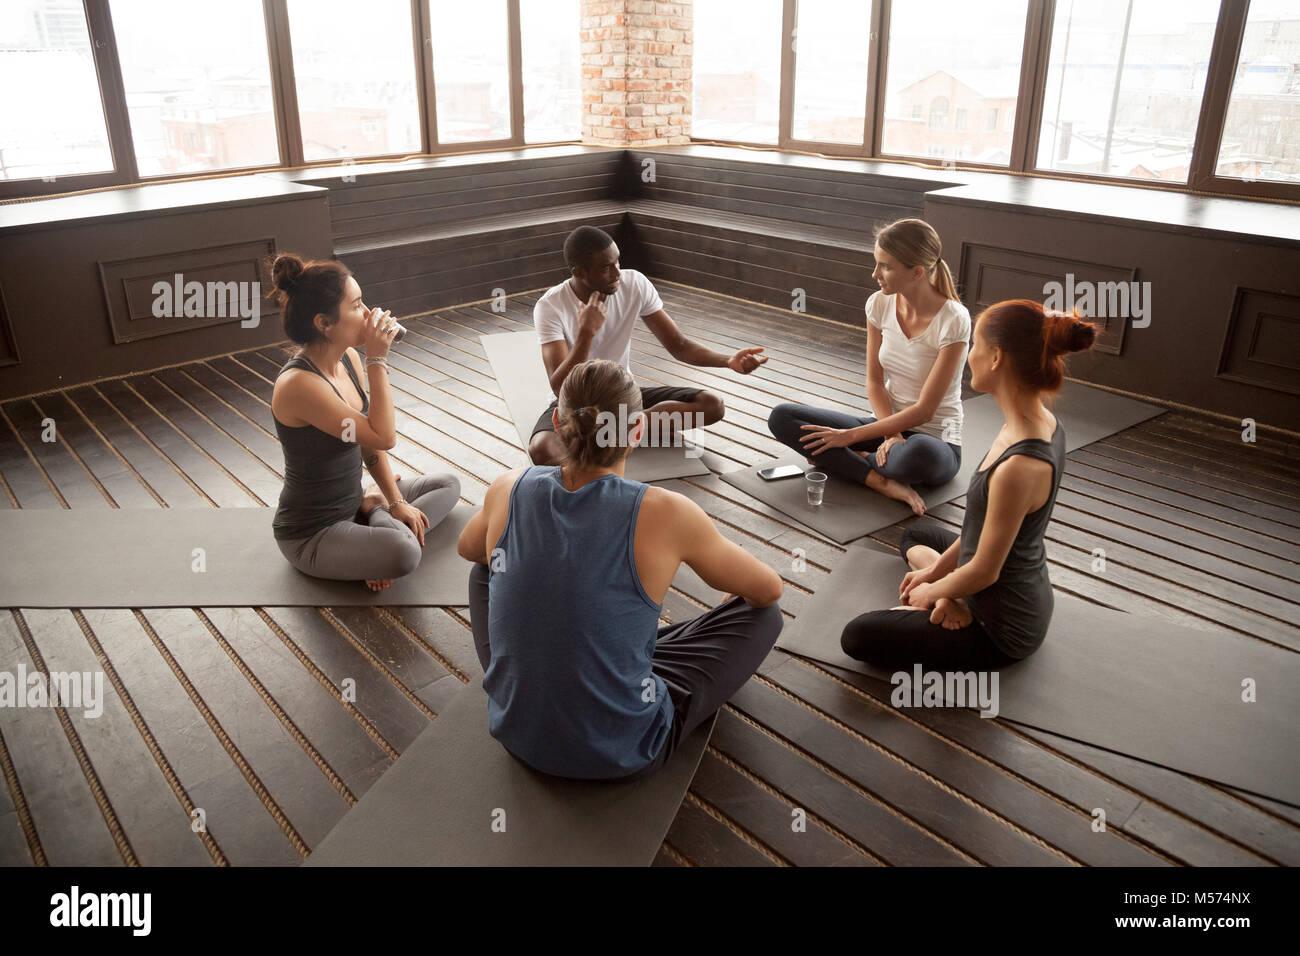 Instructor de yoga americano africano hablando con diversos grupos quedarte sentado Imagen De Stock